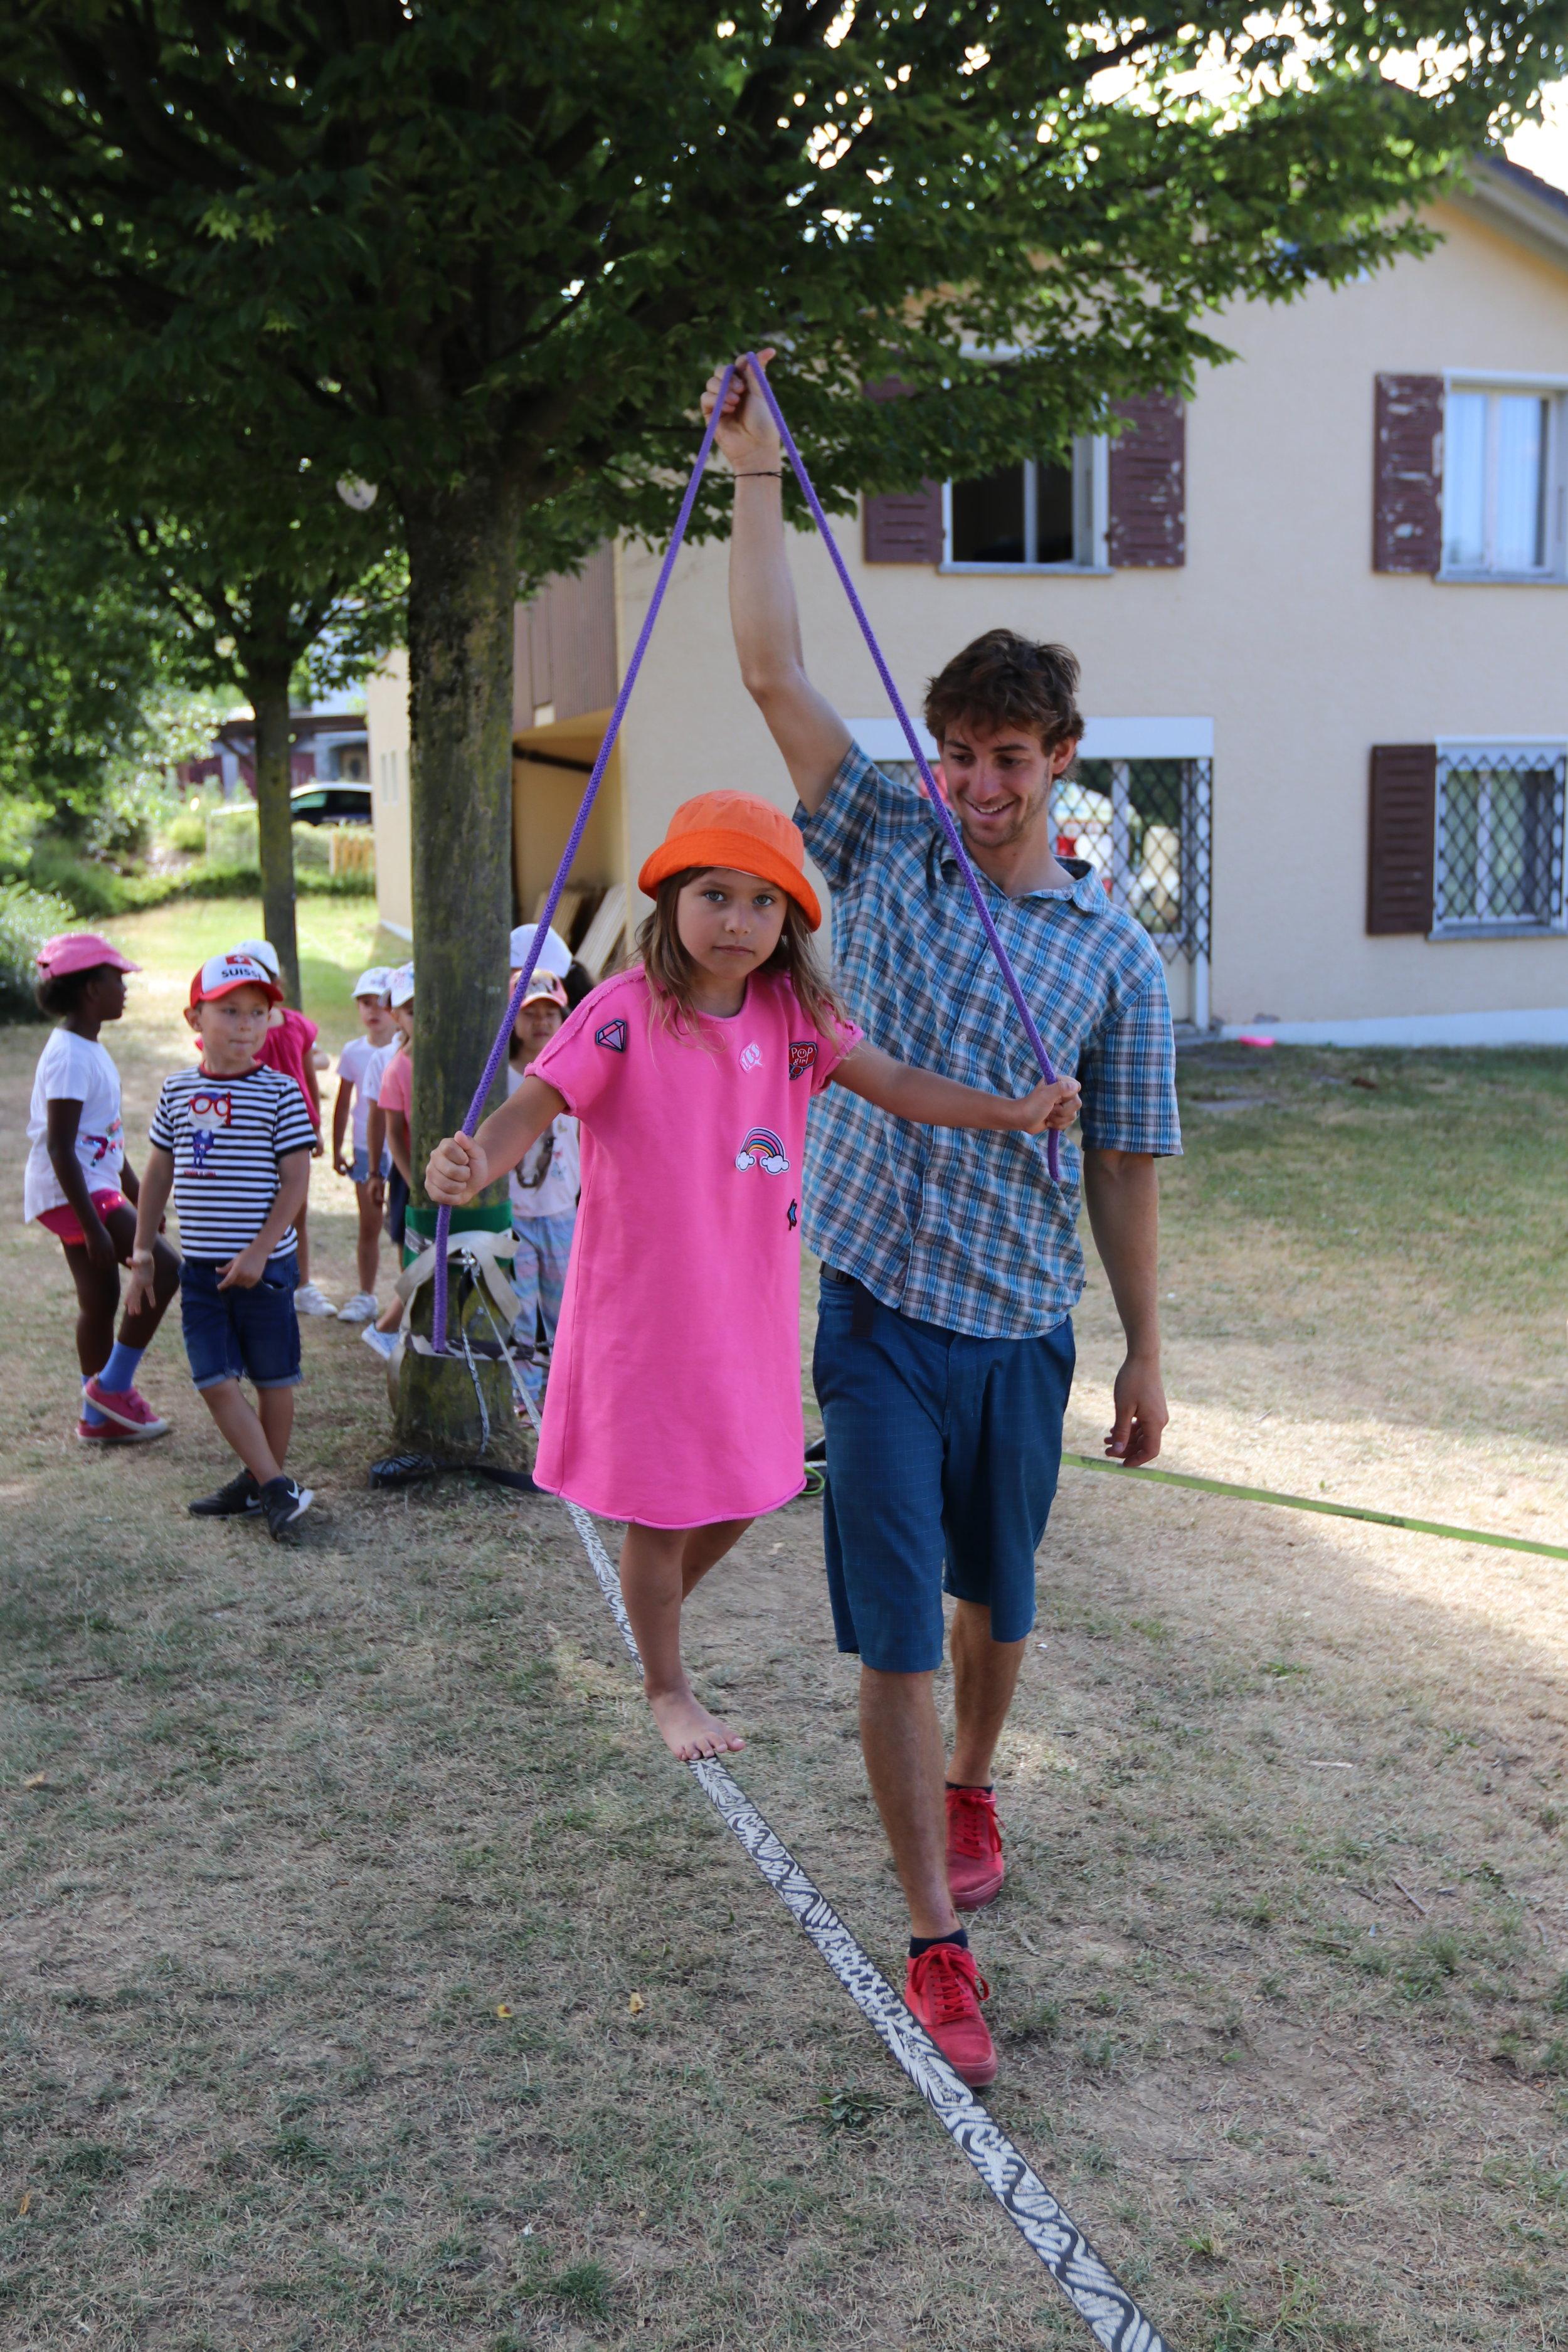 rambert clarens workshop atelier ecole school schule suisse schweiz switzerland Slackline Lyell Grunberg show performance spectacle Highline trickline  (82).JPG